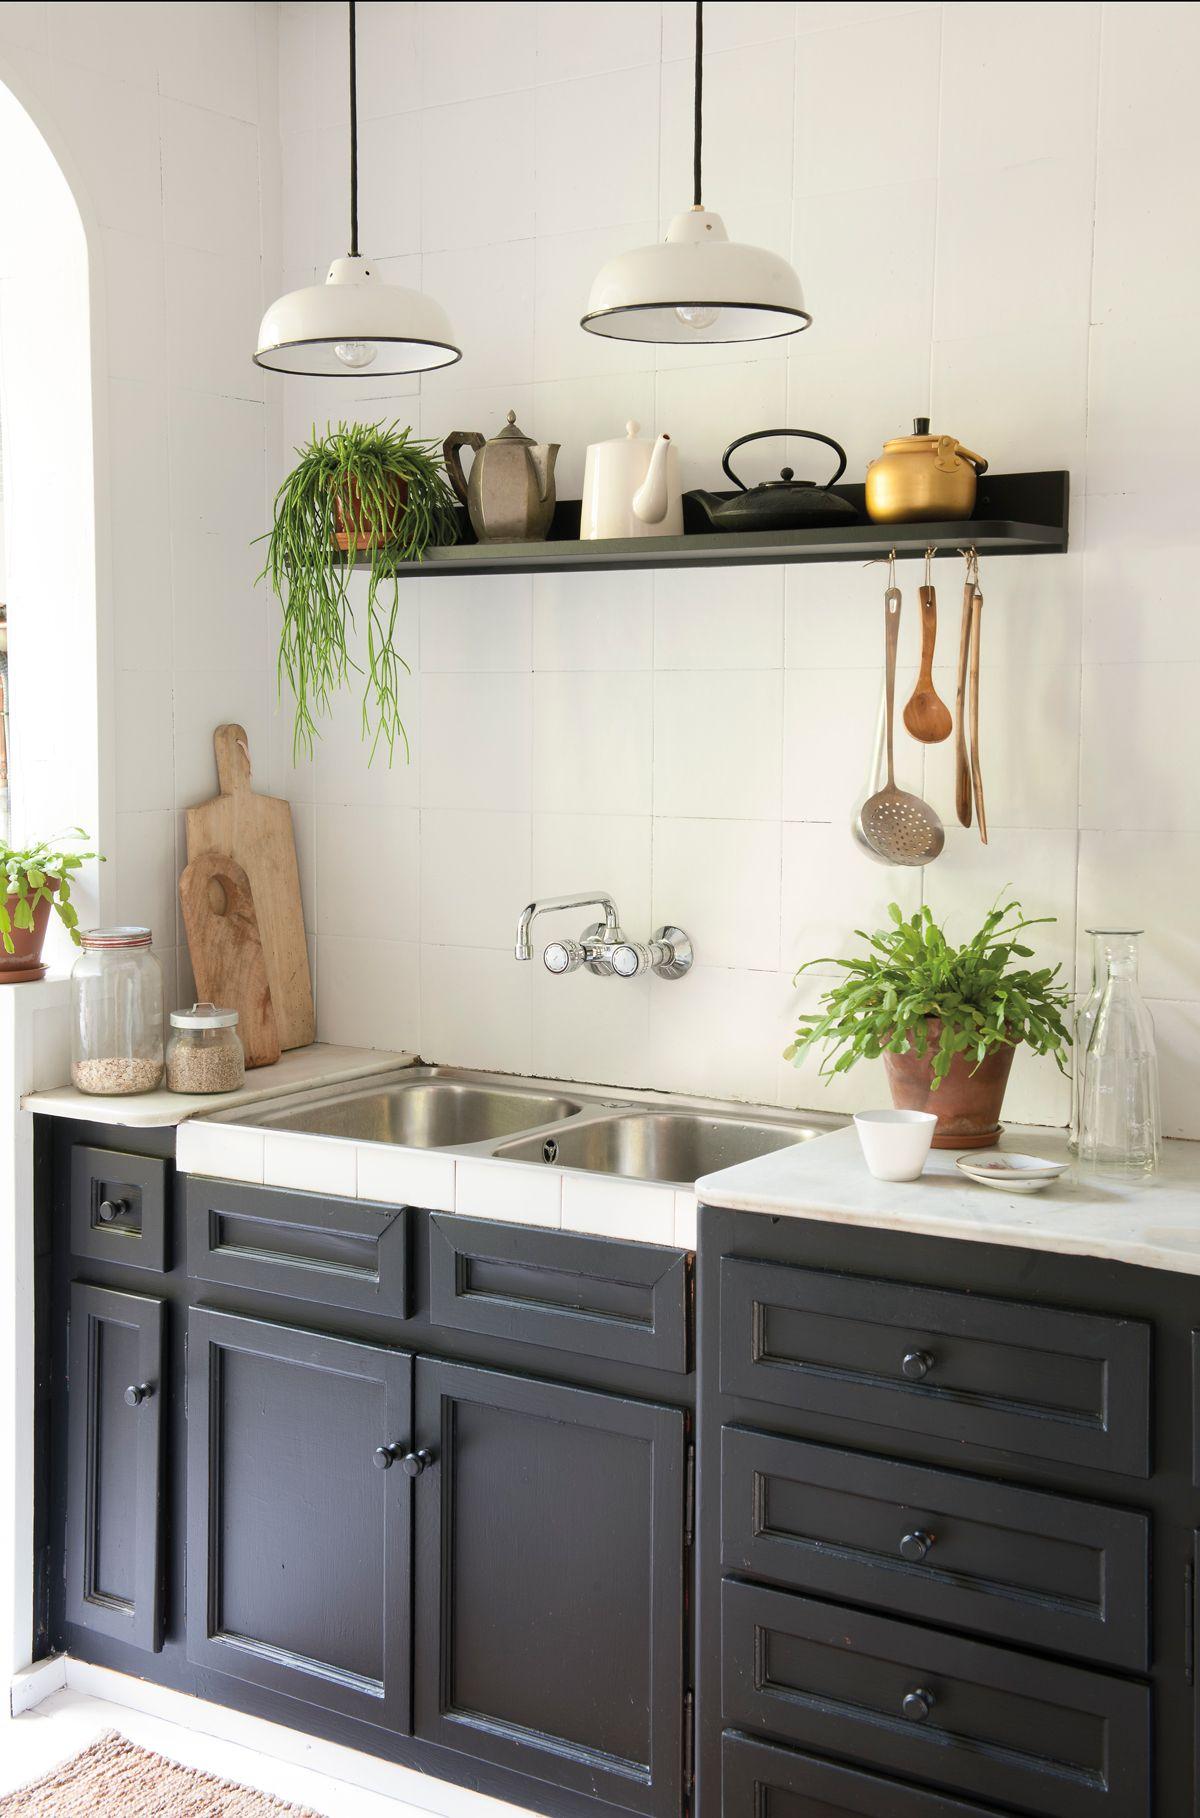 Radiador Toallero Dos En Uno Muebles De Cocina Pintar Muebles Cocina Luces De Cocina